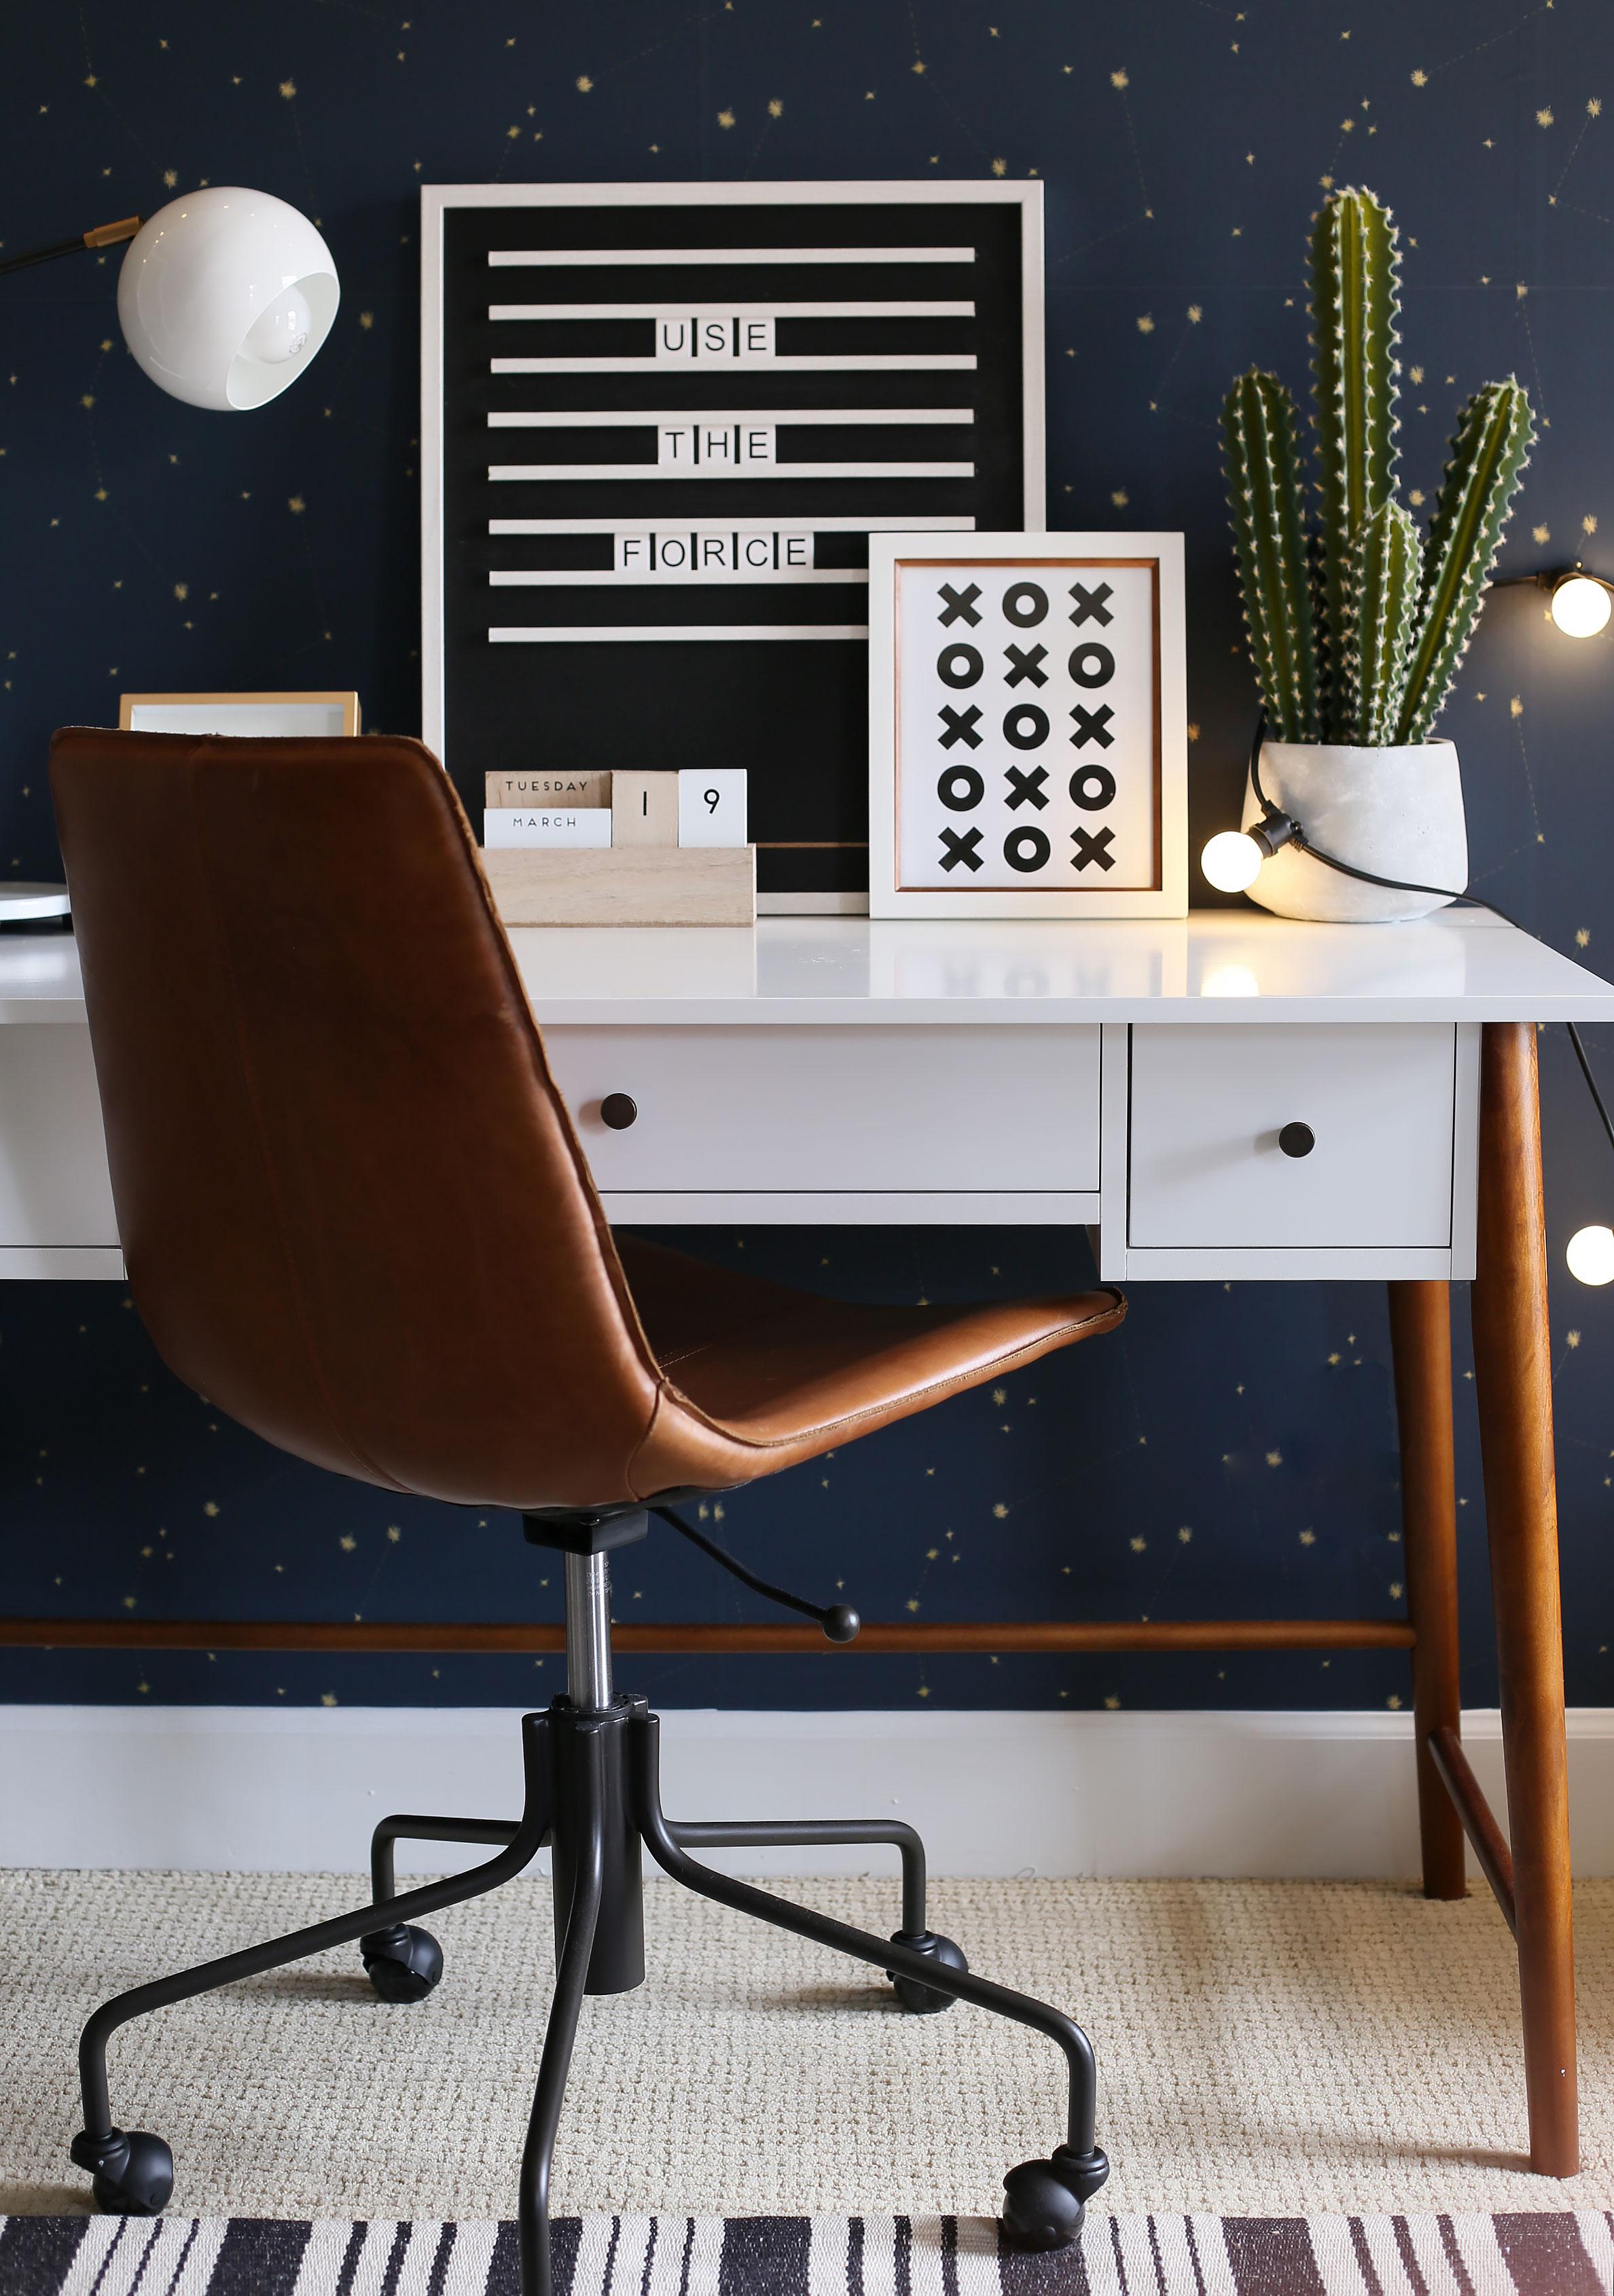 space-room-14.jpg